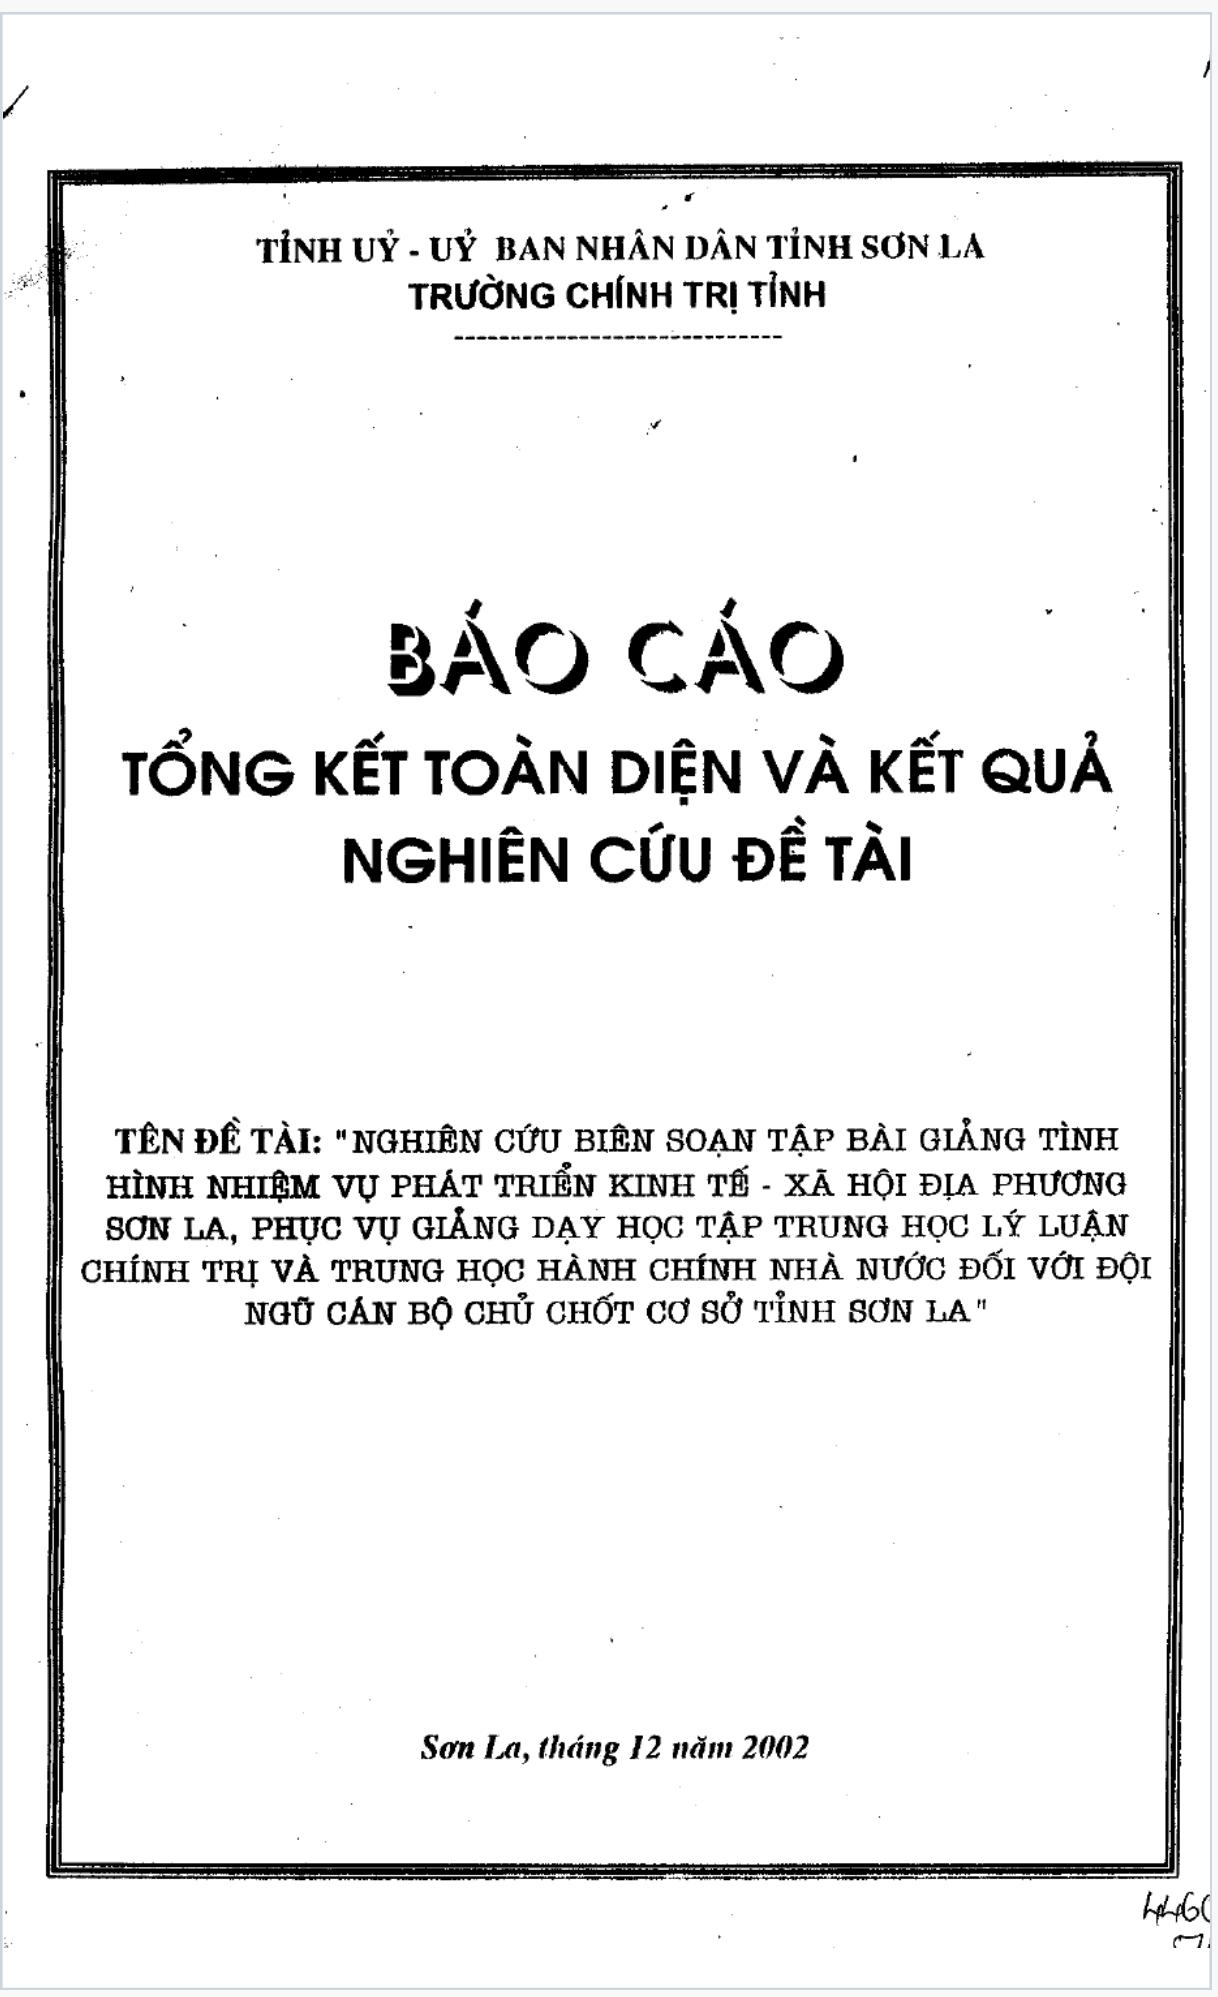 Nghiên cứu biên soạn tập bài giảng tình hình nhiệm vụ phát triển kinh tế xã hội địa phương Sơn La, phục vụ giảng dạy học tập trung học lý luận chính trị và trung học hành chính nhà nước đối với đội ngũ các bạn chủ chốt cơ sở tỉnh Sơn La